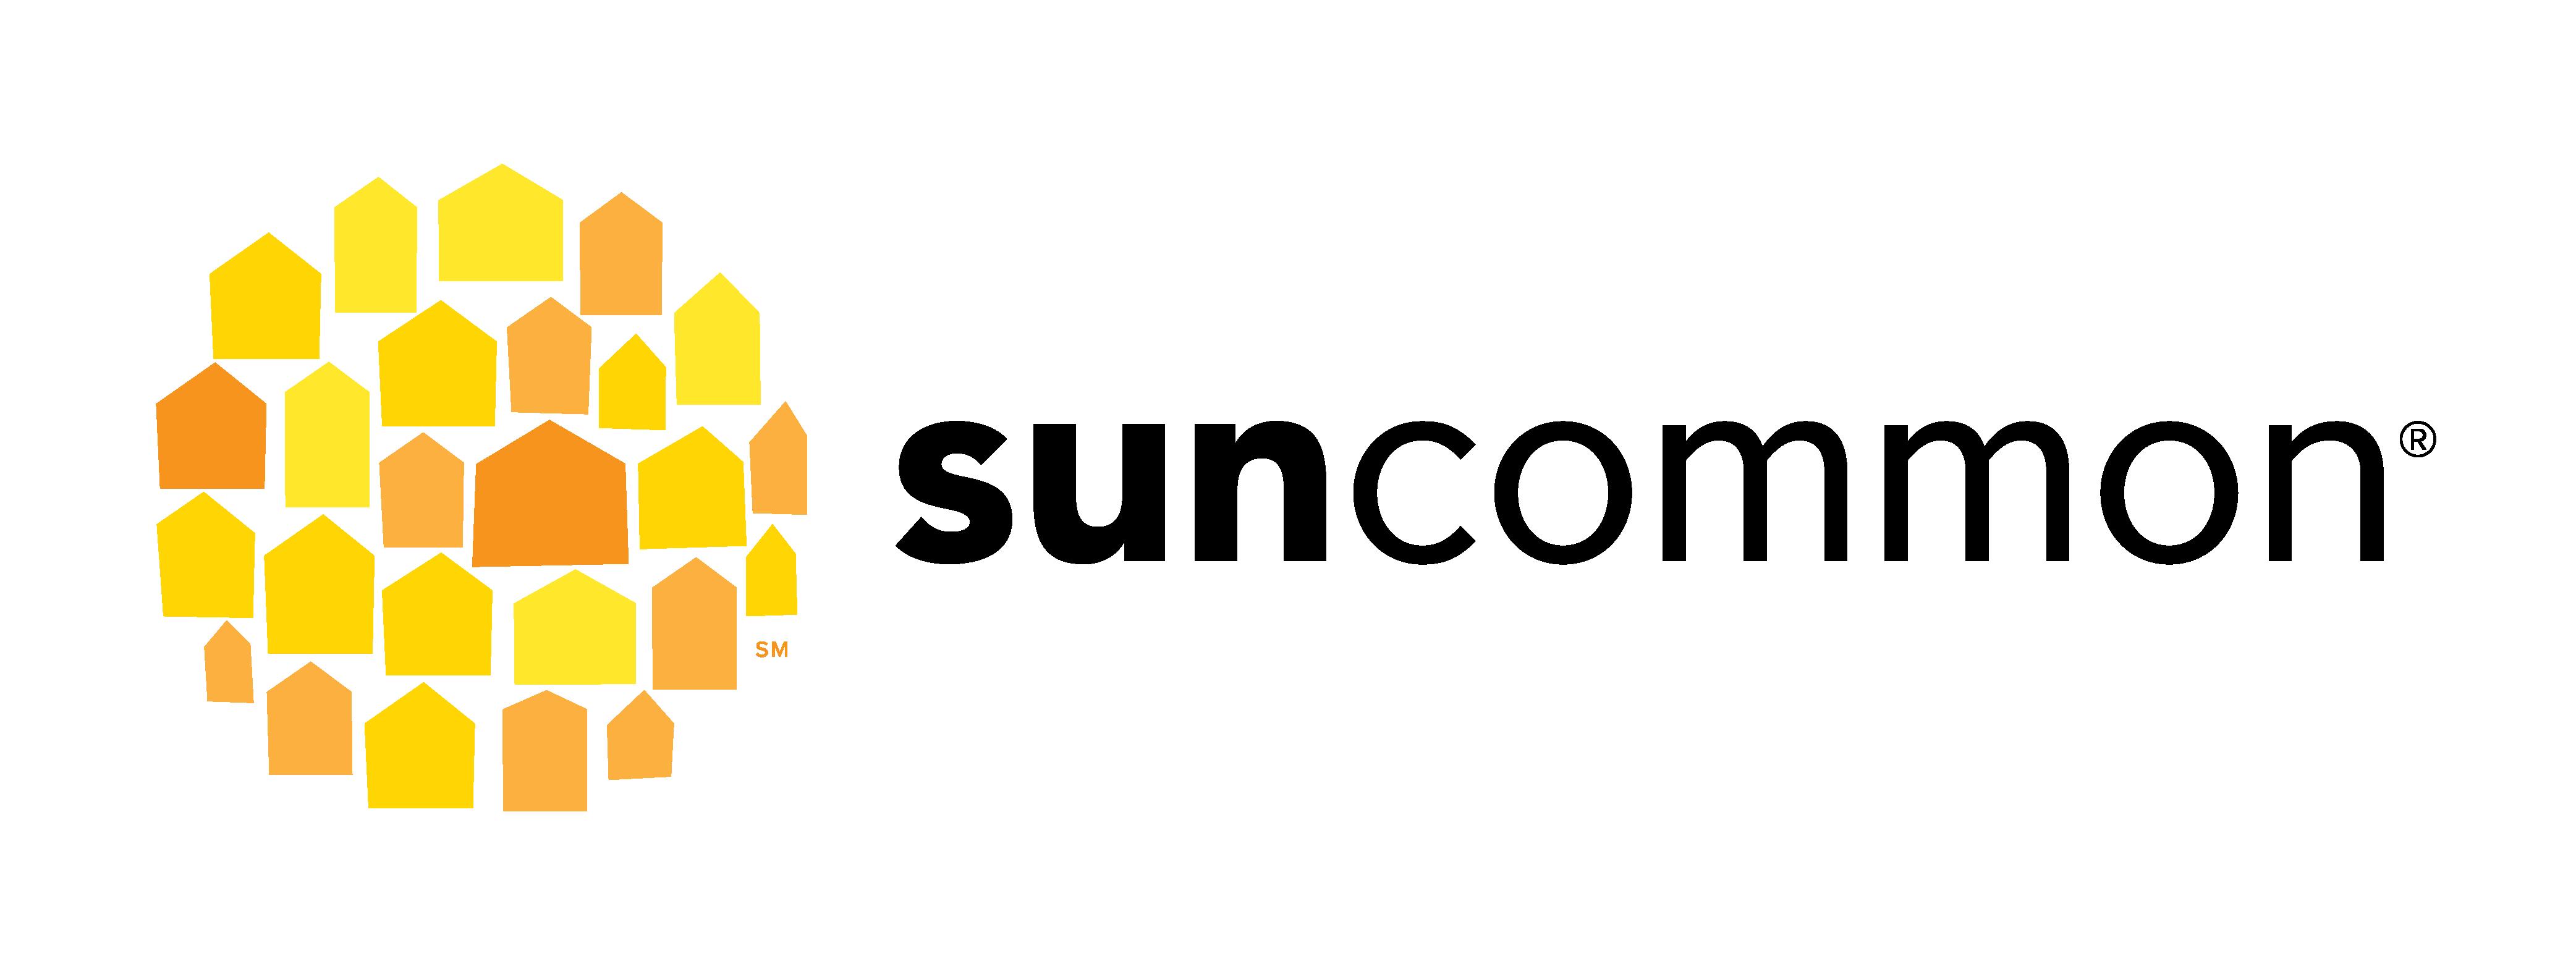 SC_HorizLogo_Hi-Res_4c-Black